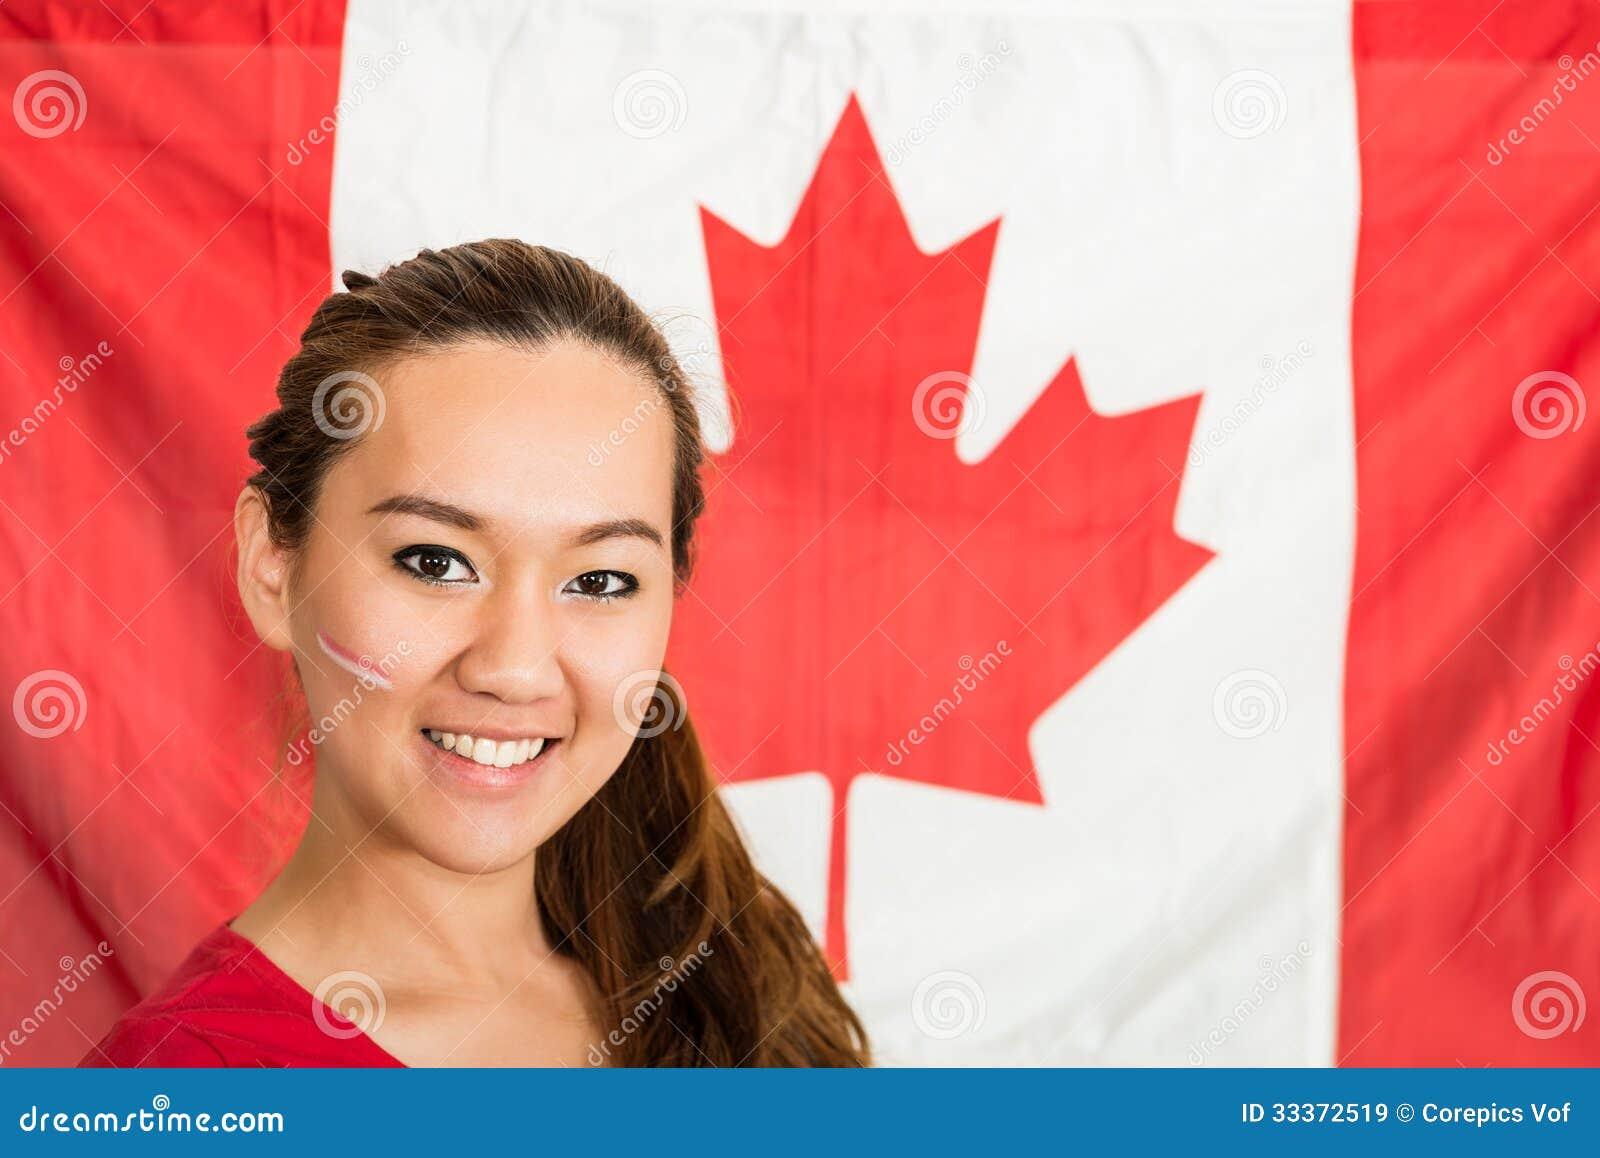 Kanadyjczyk Sportsfan